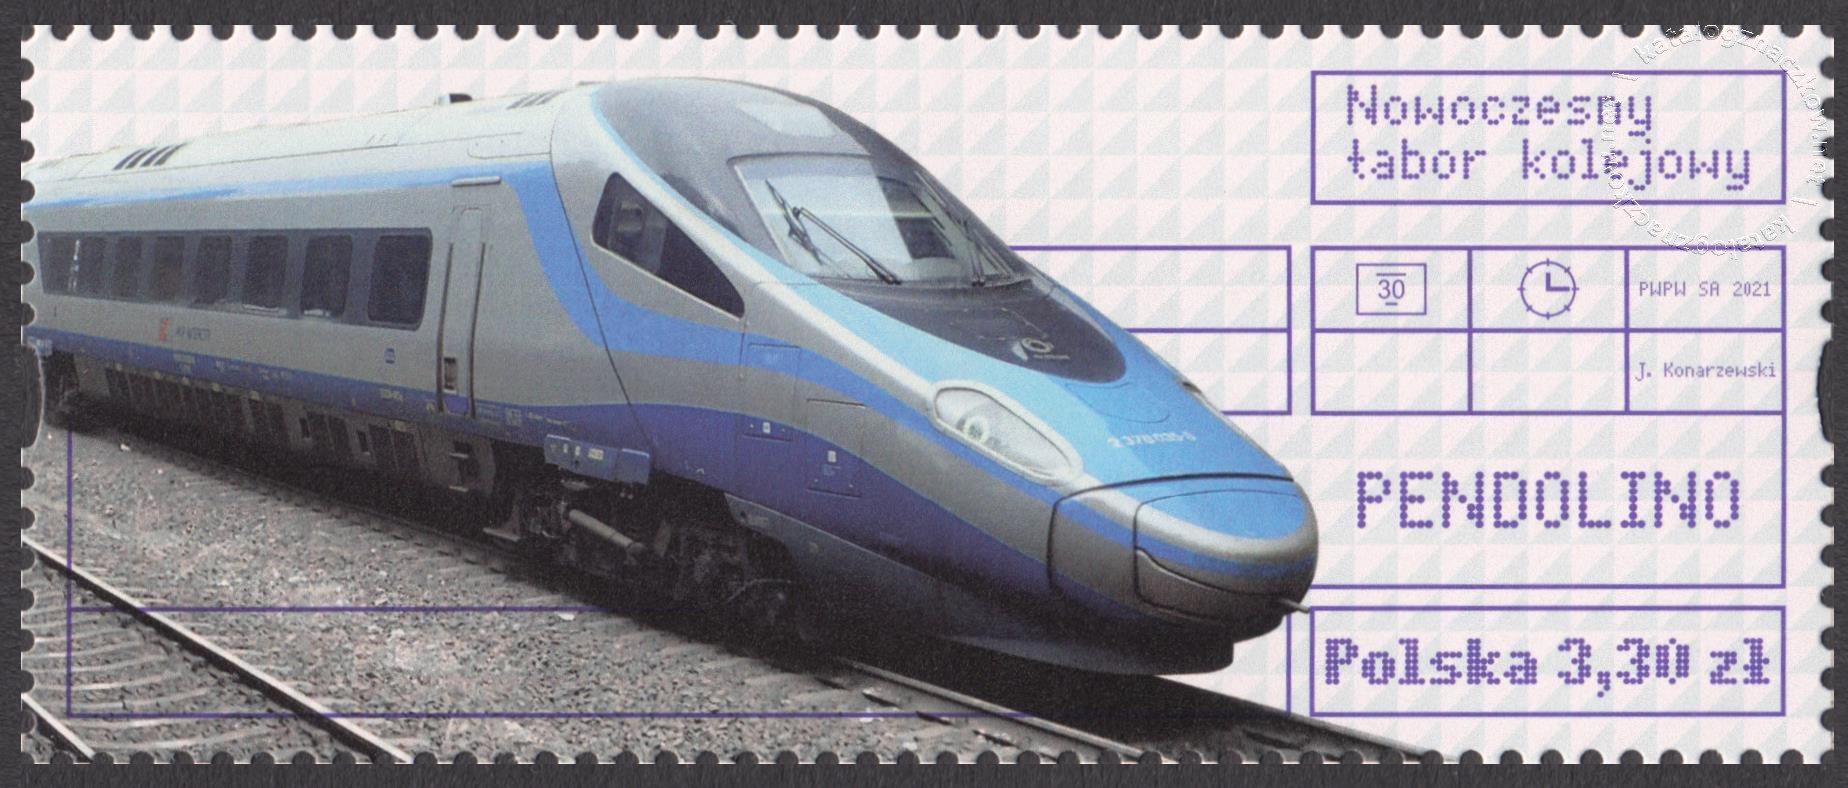 Nowoczesny tabor kolejowy znaczek nr 5135B